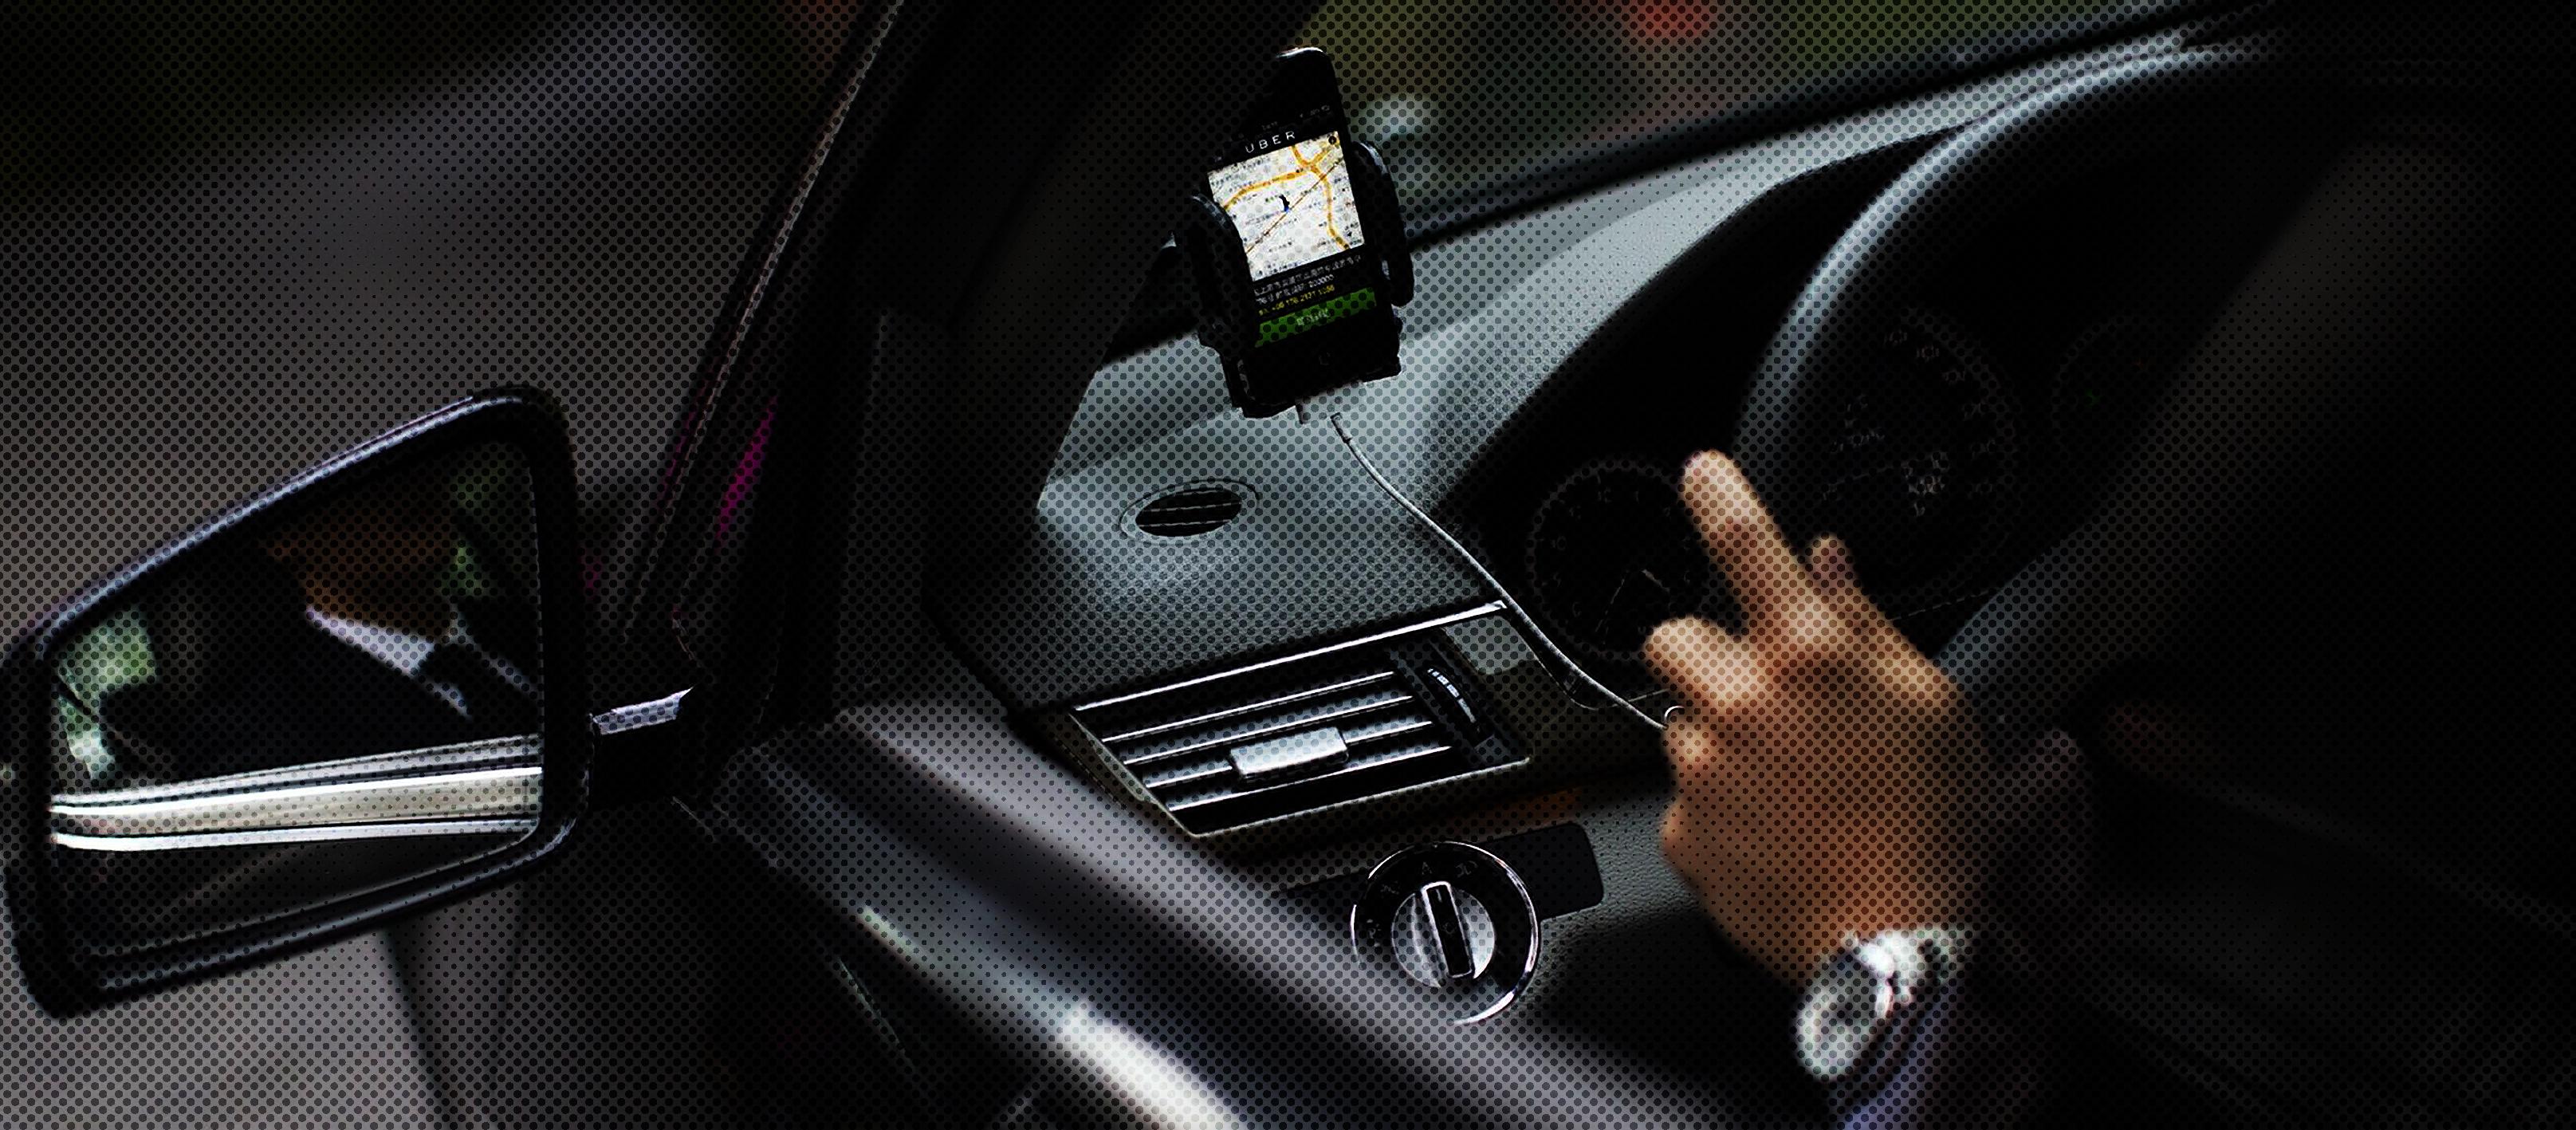 могут ли водители такси убер влиять на цену поездки